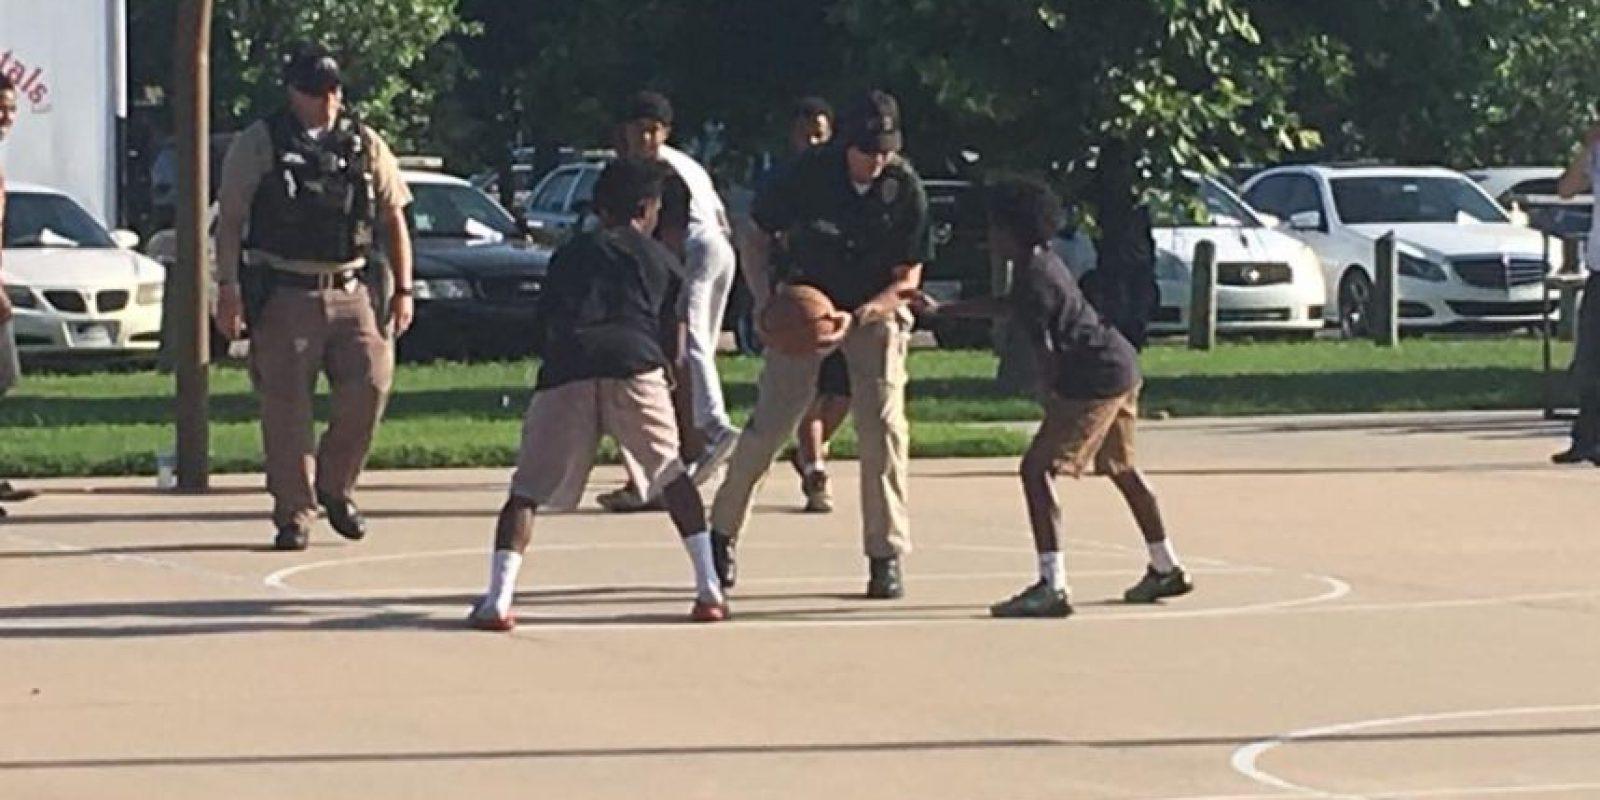 Jugaron básquetbol Foto:Facebook.com/WichitaPolice